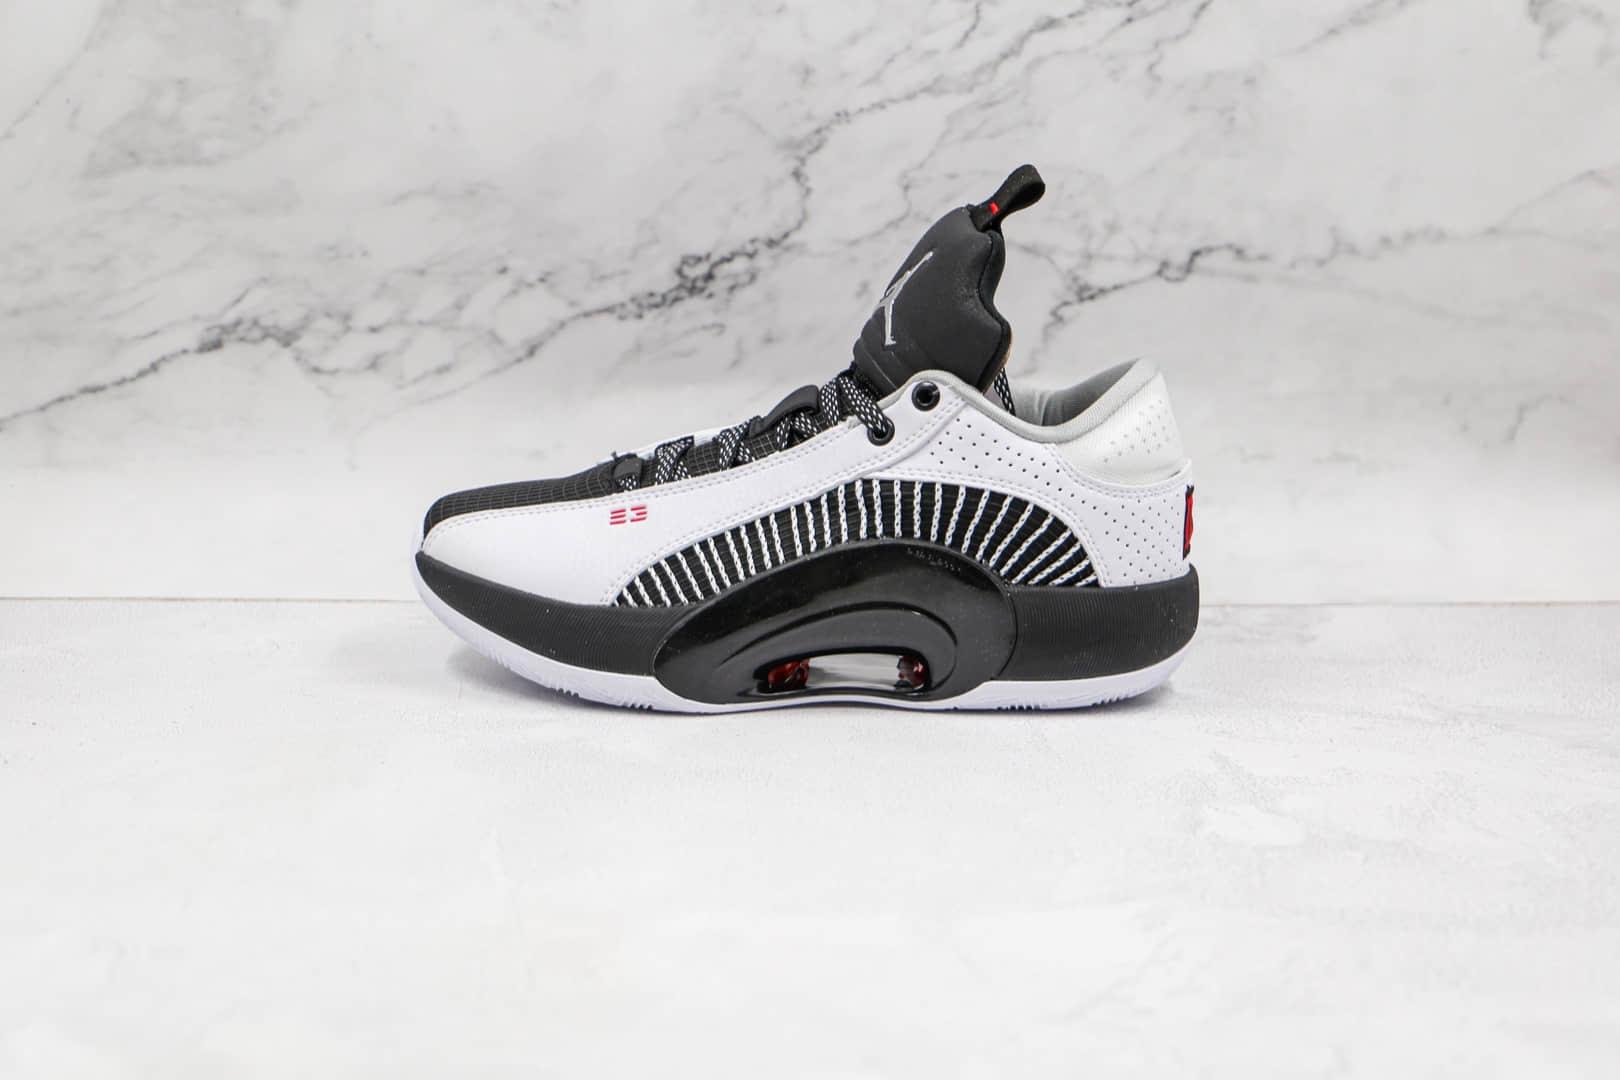 乔丹AIR JORDAN XXXV LOW纯原版本黑白色AJ35代篮球鞋内置Zoom气垫支持实战 货号:CW2459-101